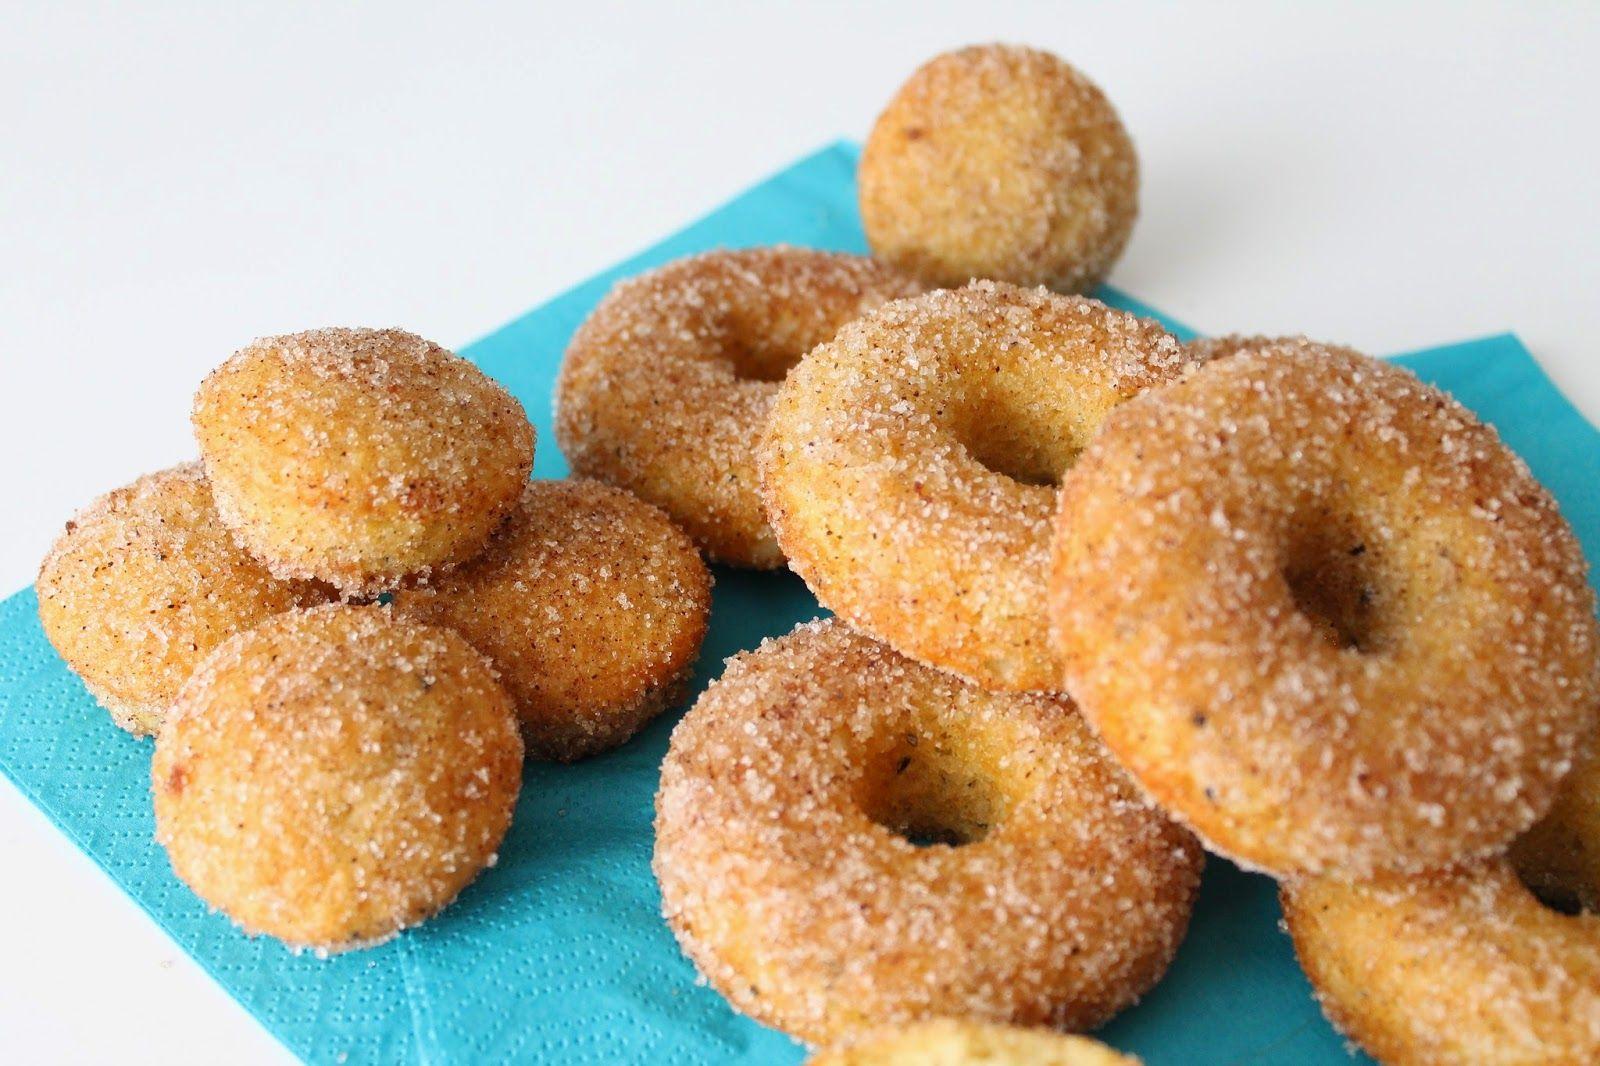 Pienet herkkusuut: Ne parhaat uunissa tehtävät donitsit!